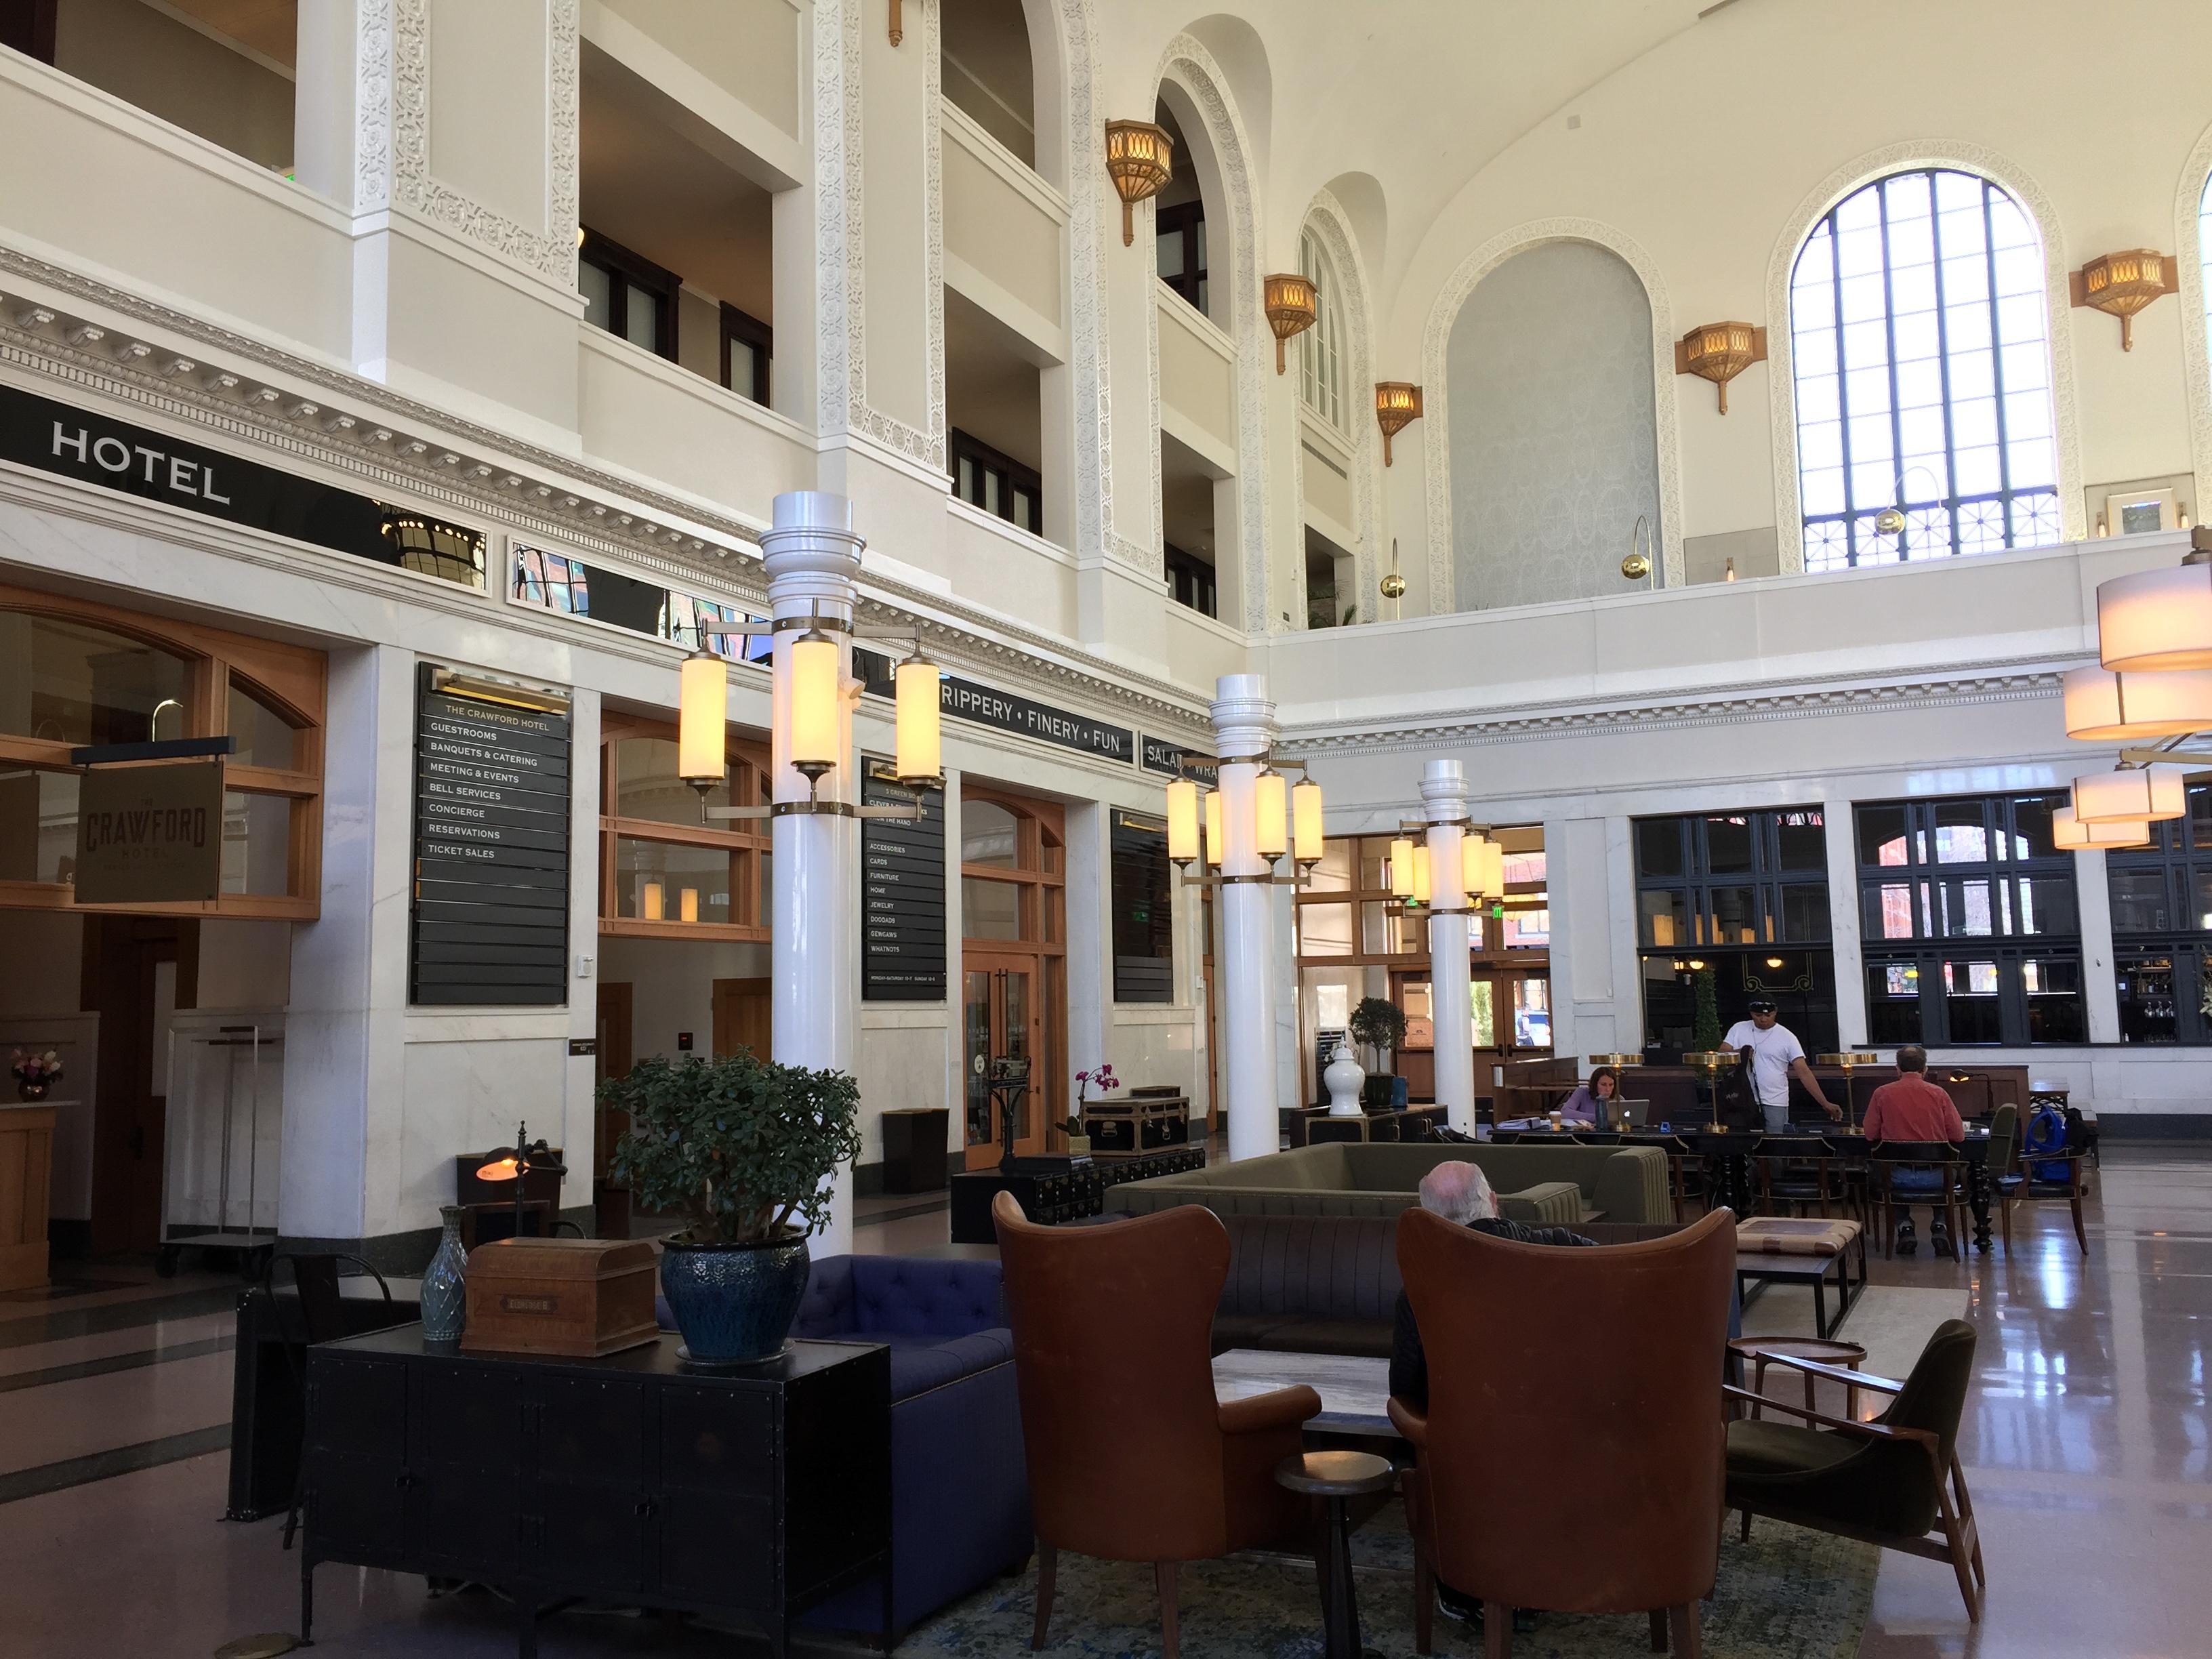 Het nieuwe The Crawford Hotel bevindt zich in The Union Station, het CS station van Denver Colorado.